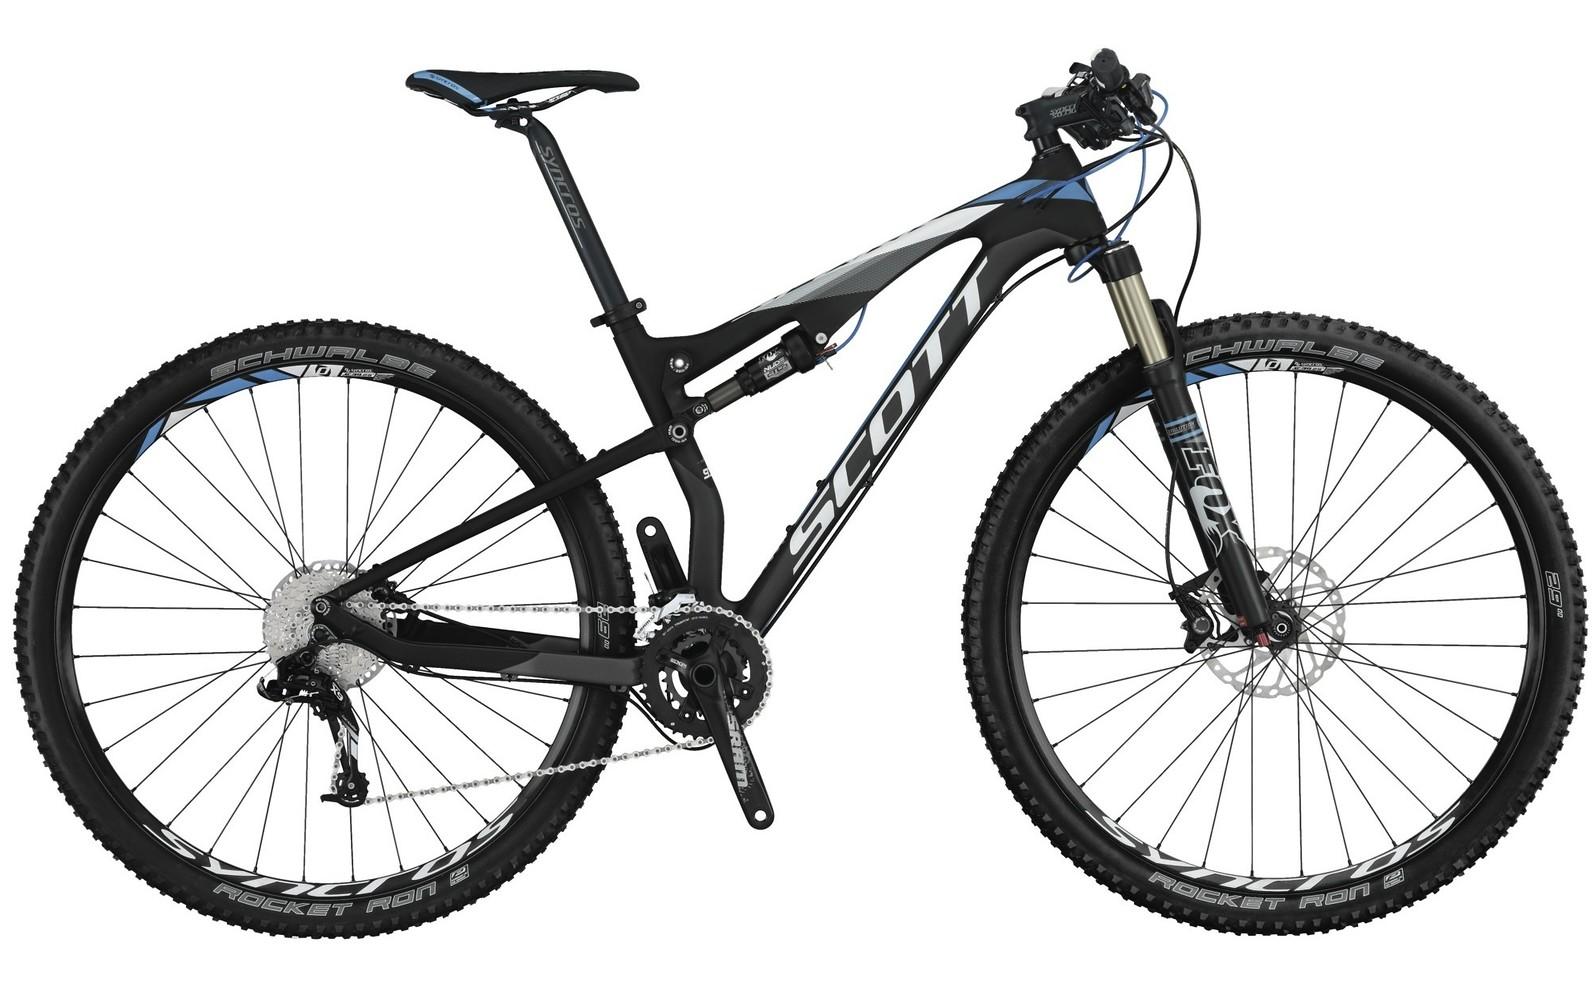 2014 Scott Spark 930 Bike Reviews Comparisons Specs